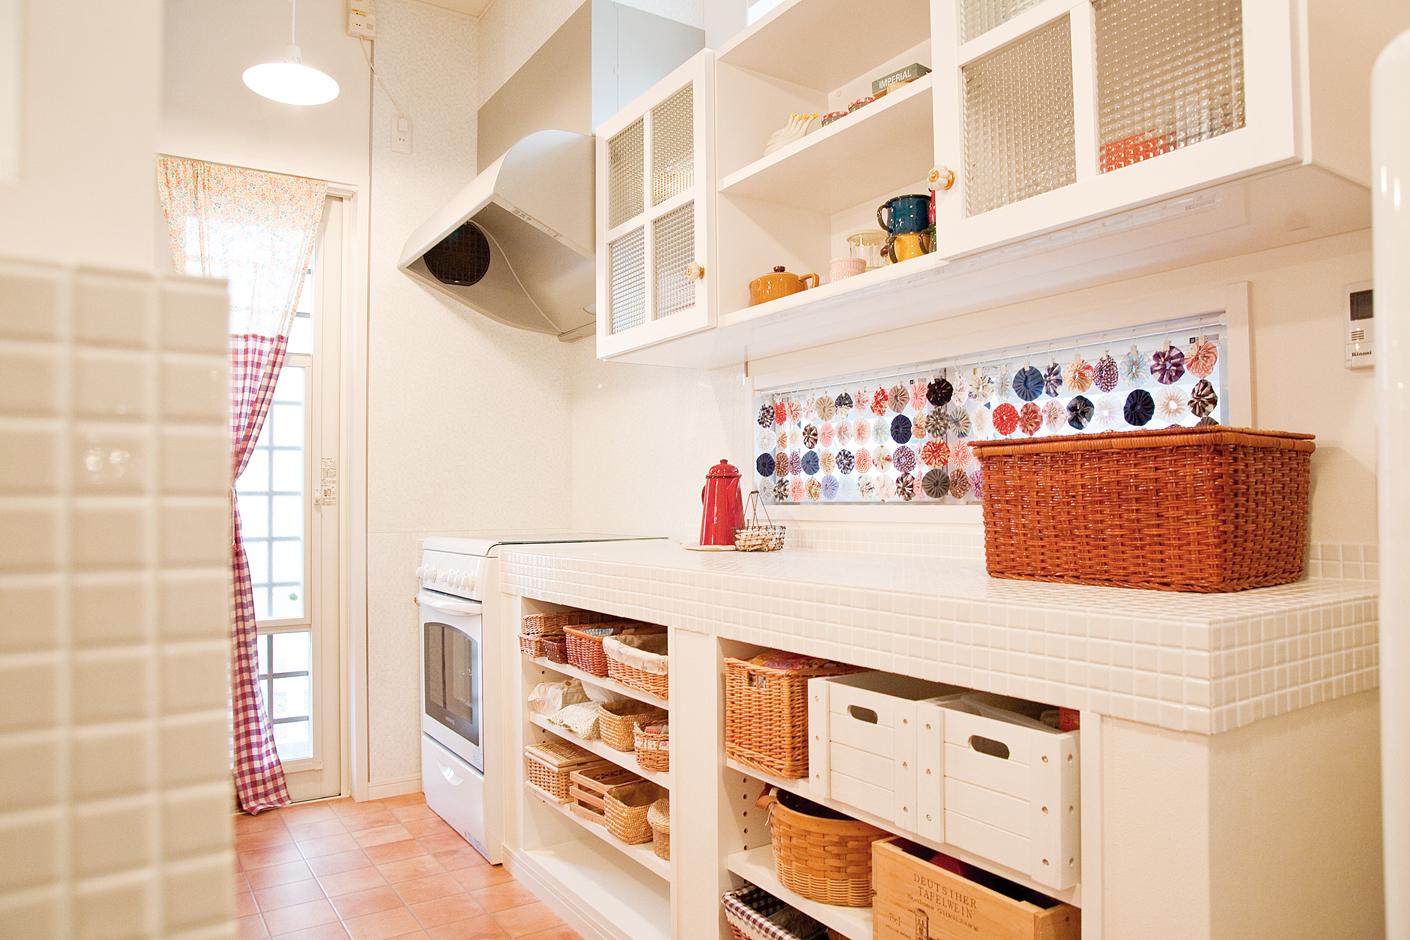 持ち込みのカゴに合わせてオーダーしたオリジナルの可動棚キッチンキャビネット。憧れのガラストップ付ガスオーブンは仏・ロジェール製